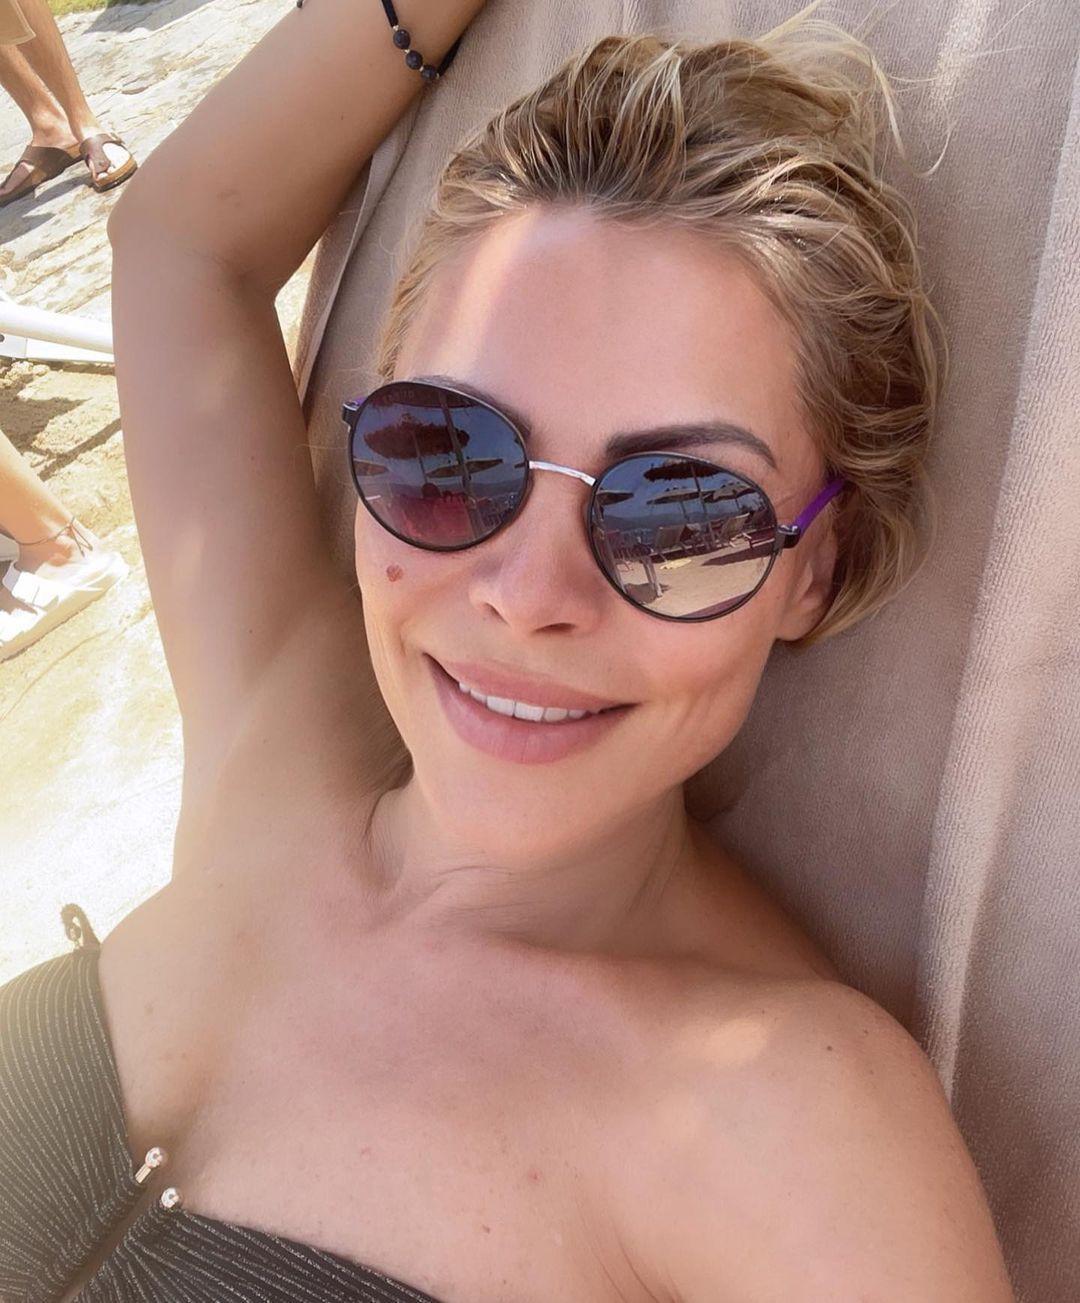 48 yaşındaki Seray Sever'in bikinili pozları olay oldu! Fiziğiyle büyüledi... - Sayfa 3